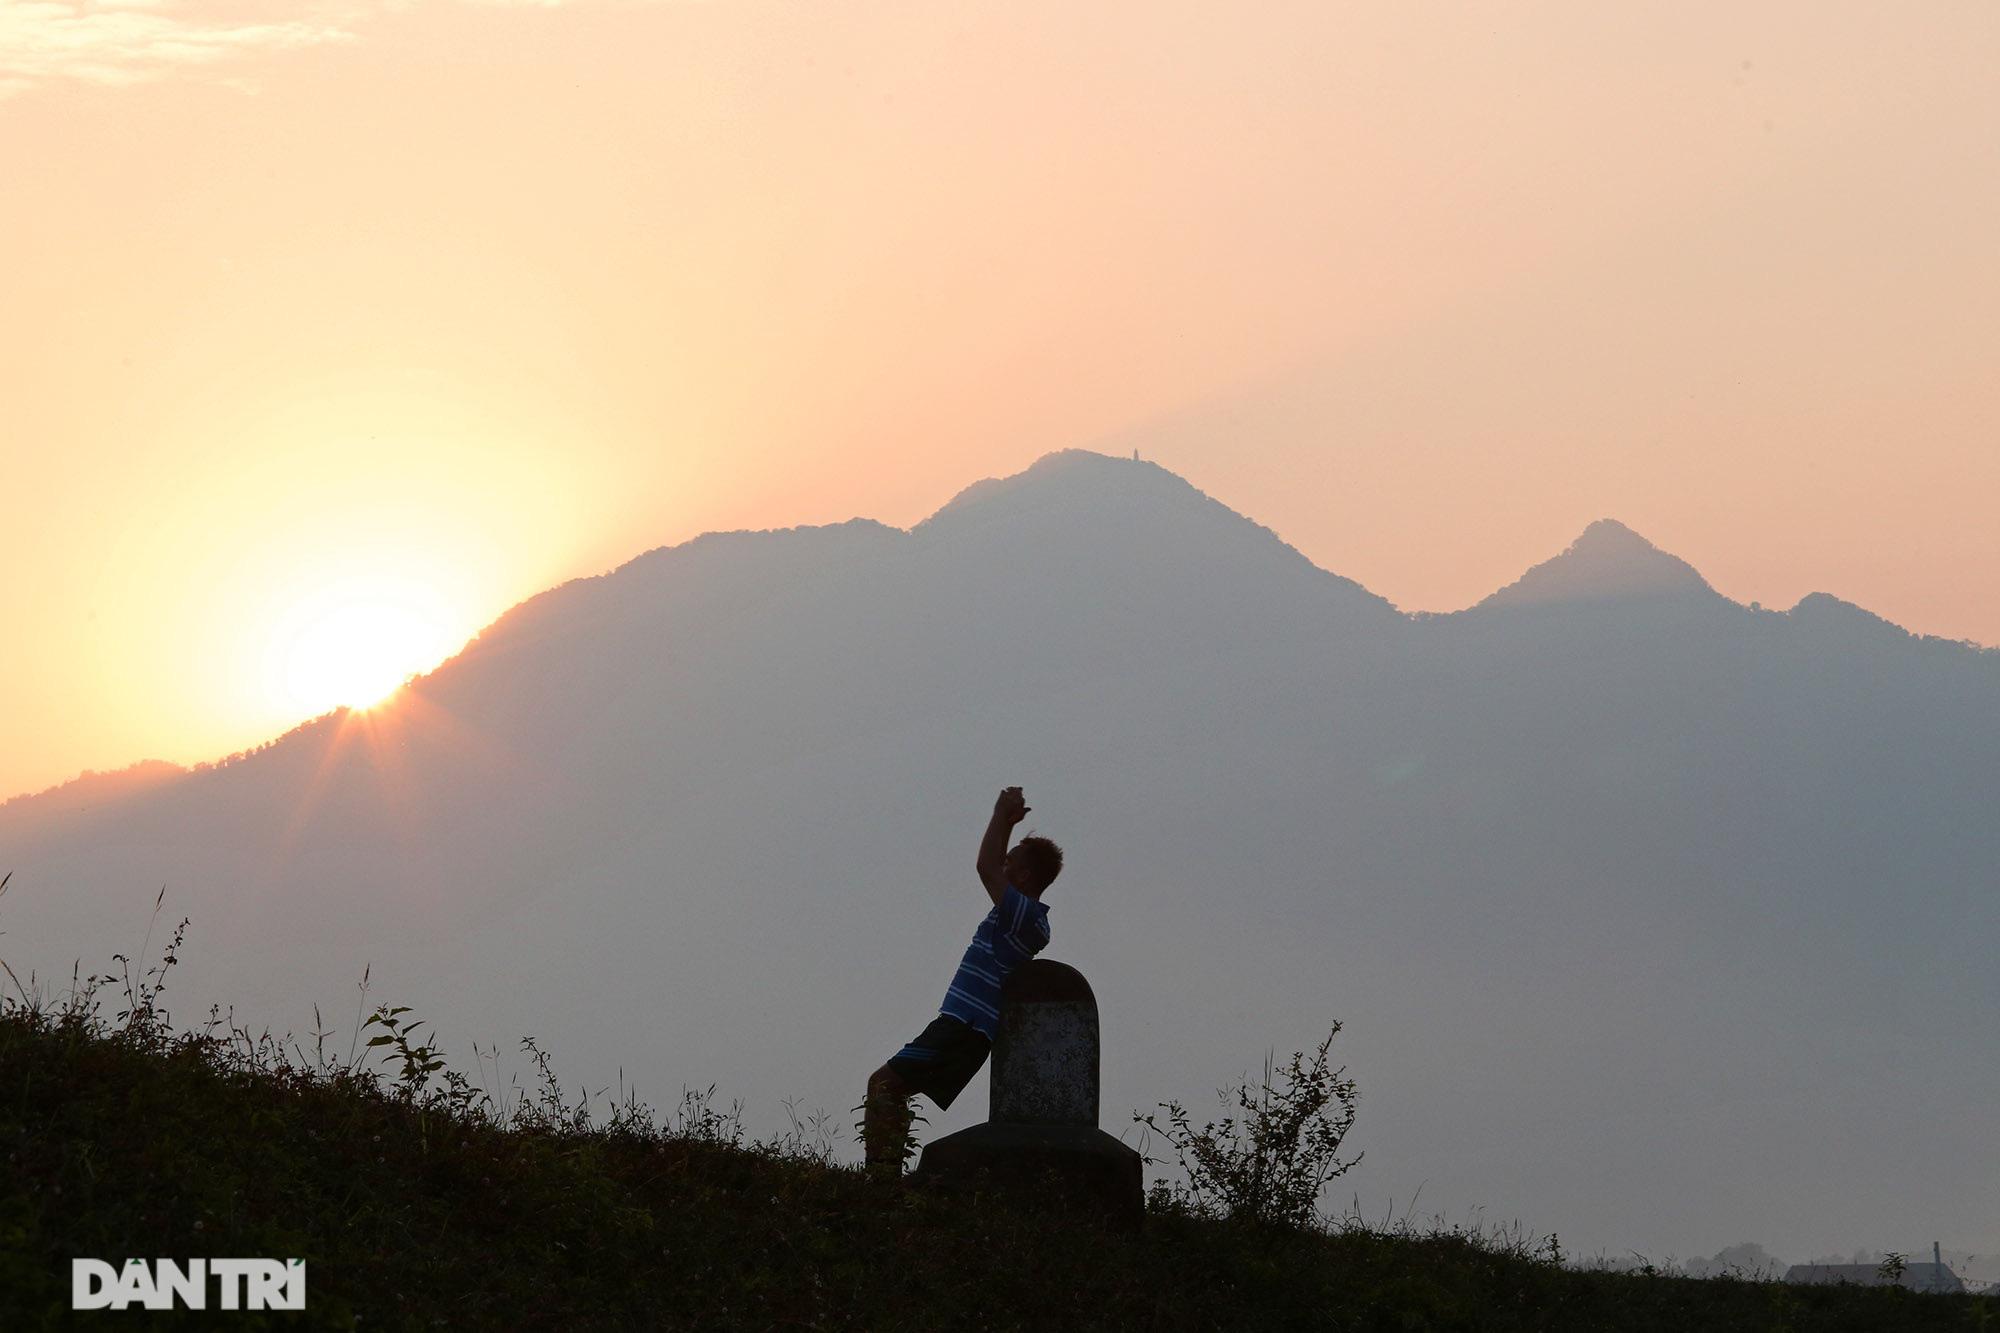 Núi thiêng gần Hà Nội đẹp mê mải nhìn từ muôn phương tám hướng - Ảnh 8.